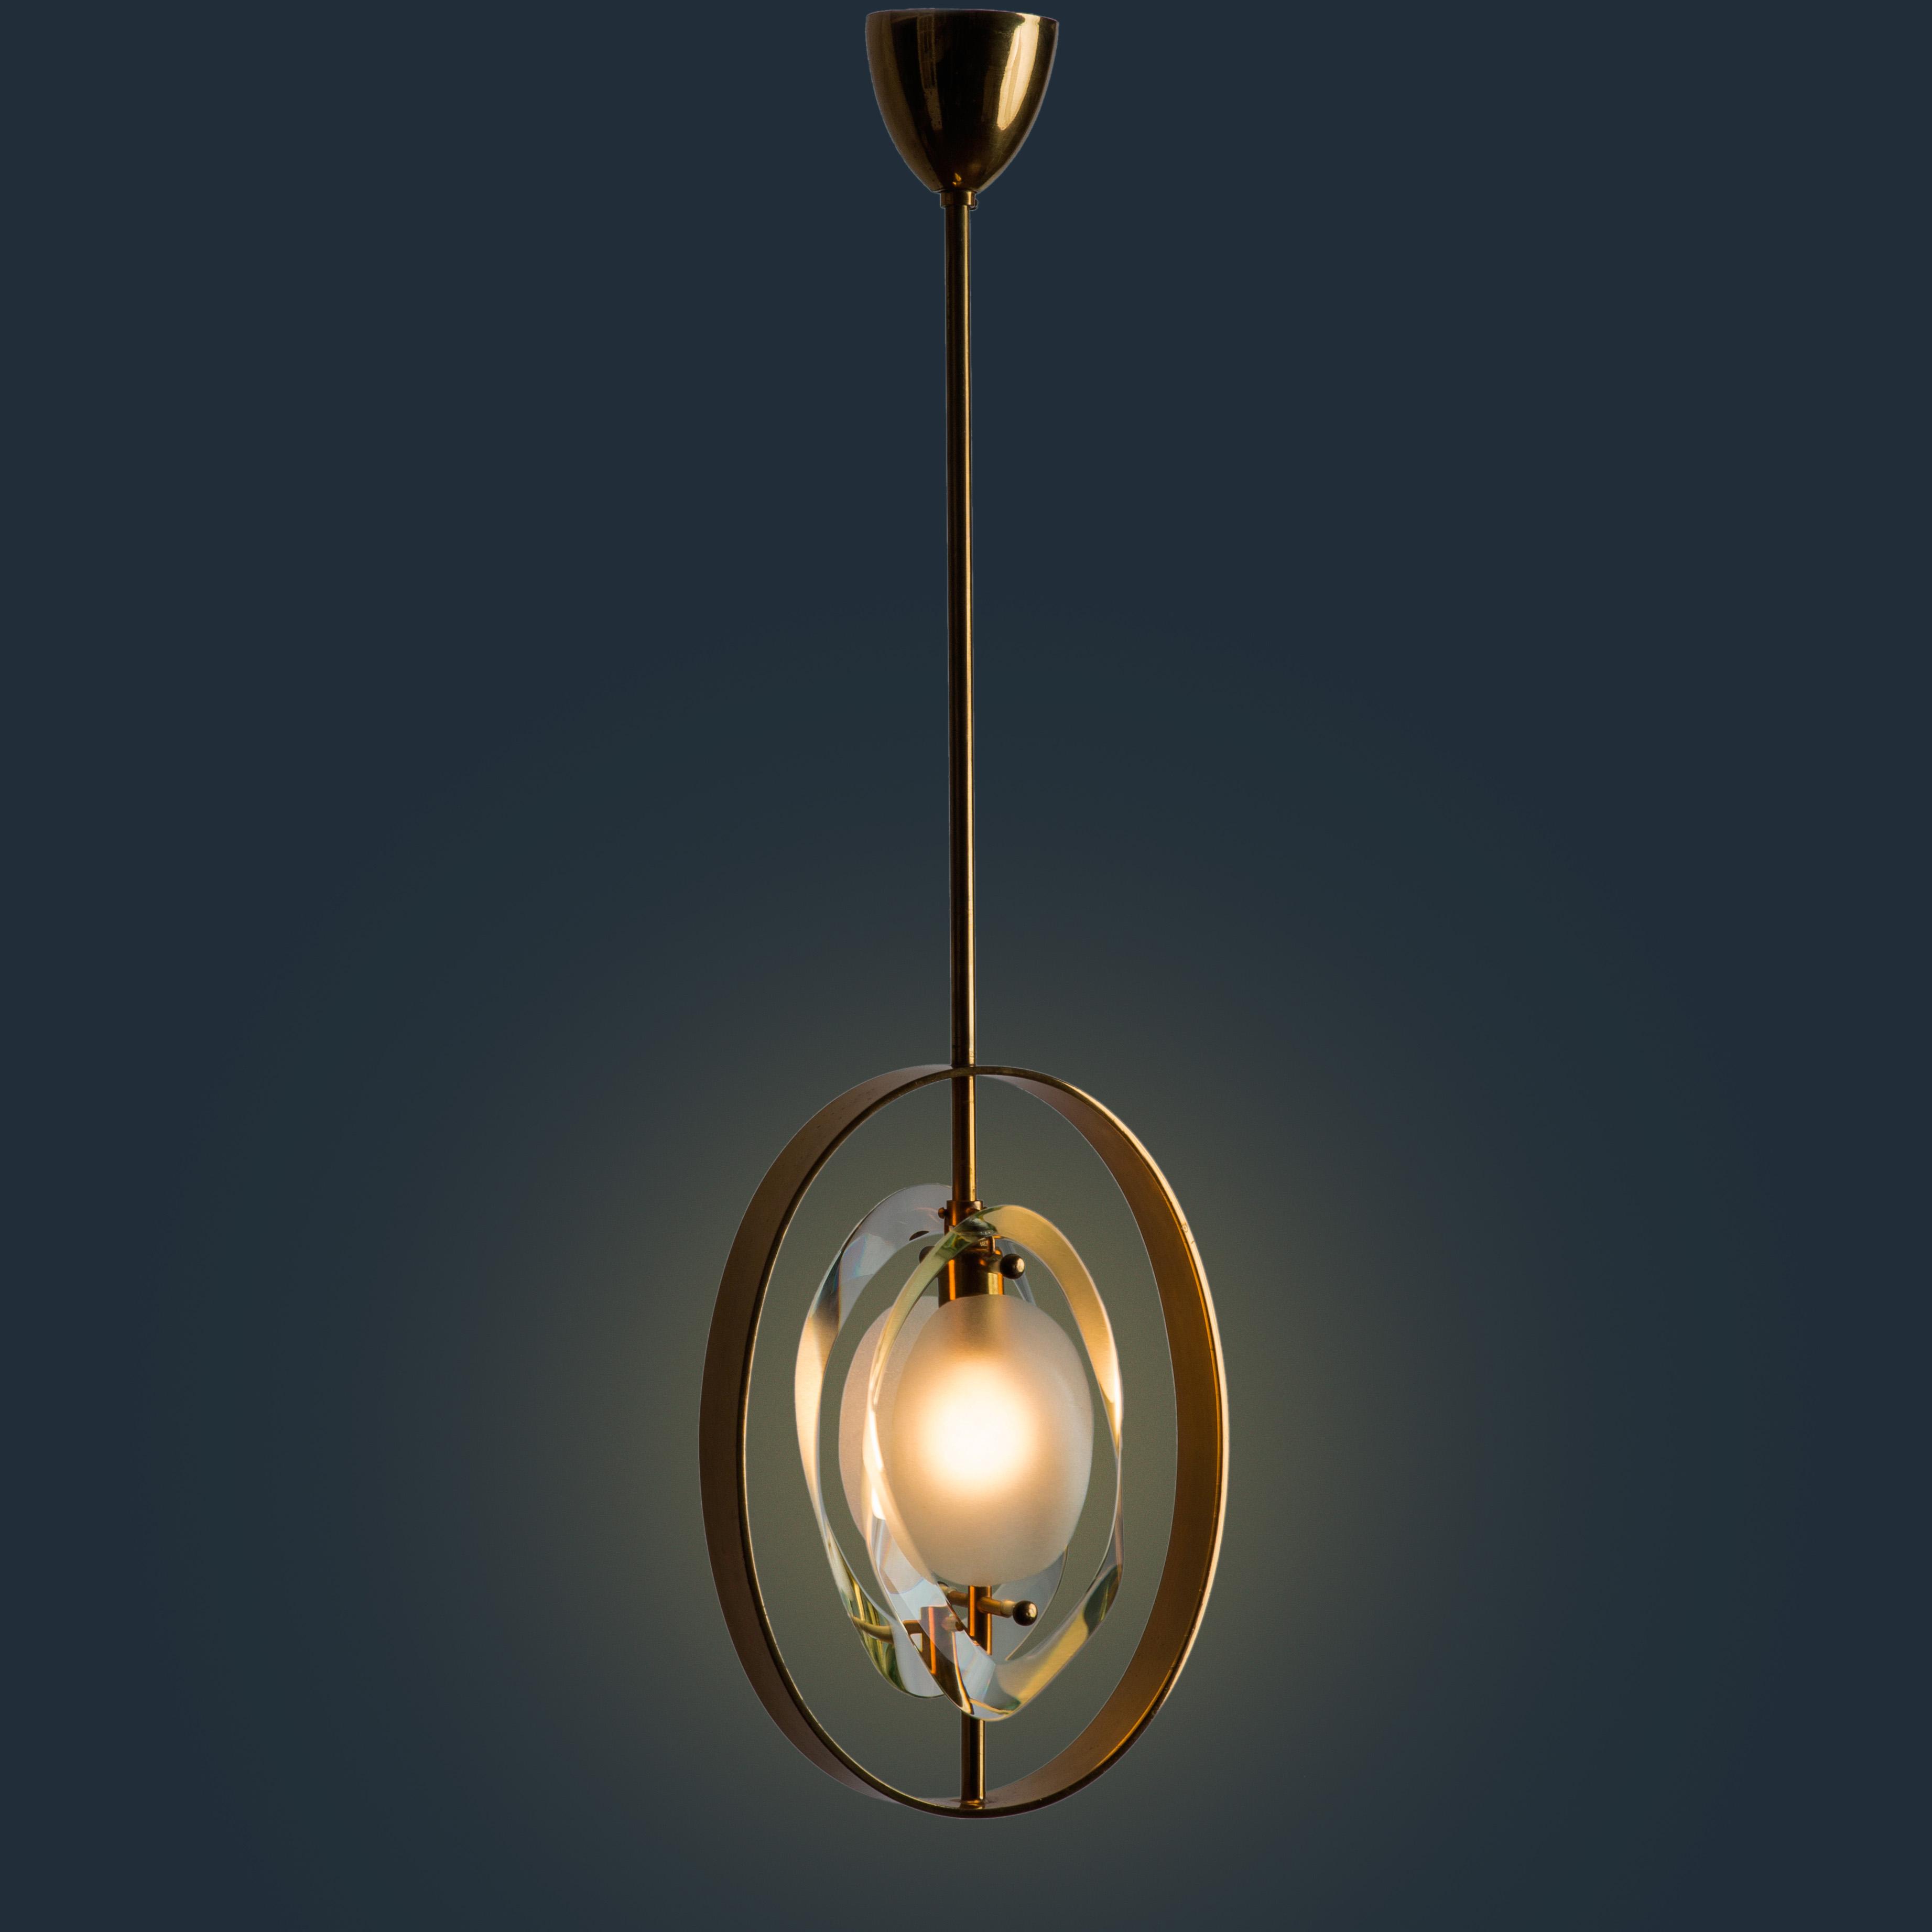 Pendant Lamp Model 1933 by Max Ingrand for Fontana Arte | soyun k.